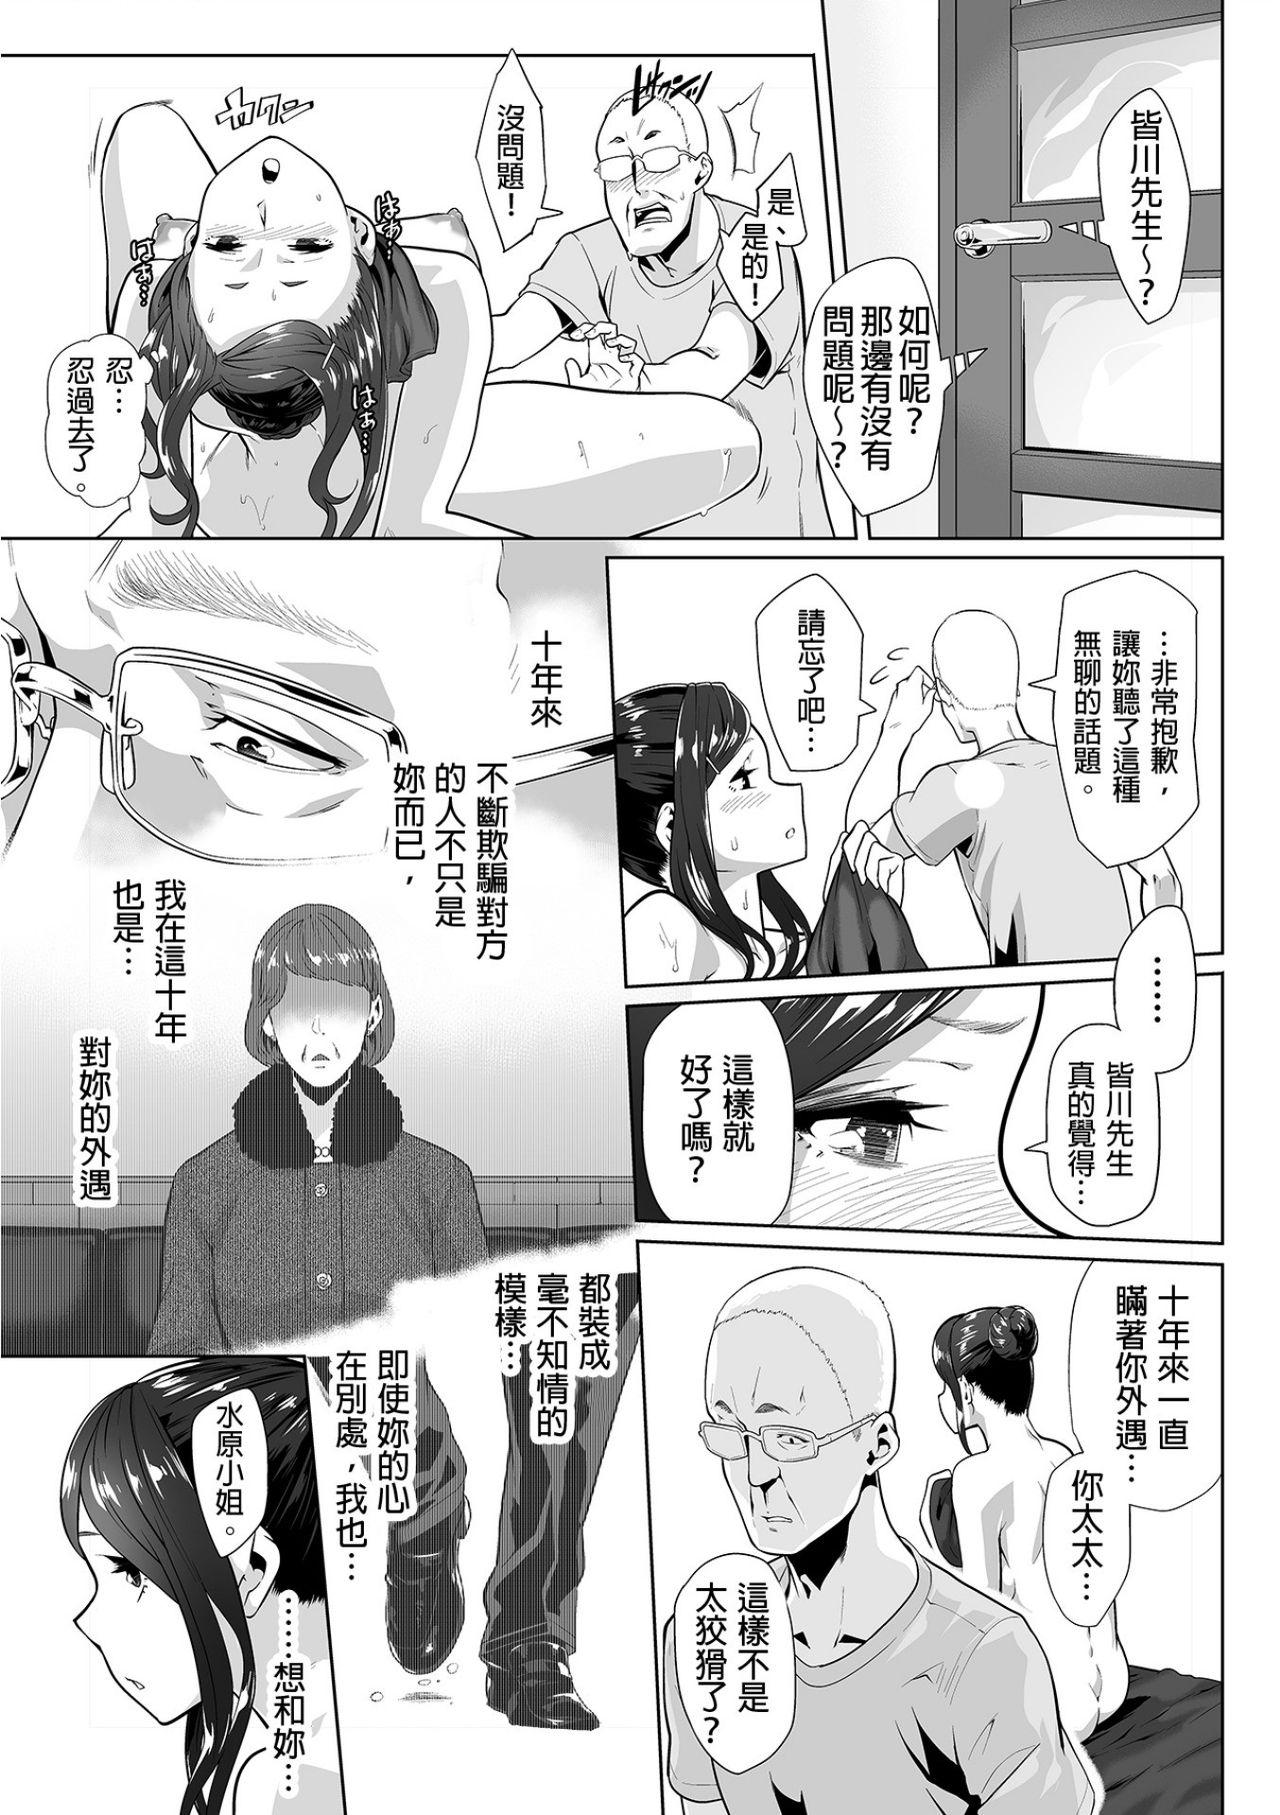 [Qunami Himehiko, Akahige] Gifu no Nurunuru Massage ~Musume no Kori o Asa kara Kurikuri~ | 義父的濕答答按摩~一早幫忙女兒放鬆肌肉~ Ch. 9 [Chinese] 29